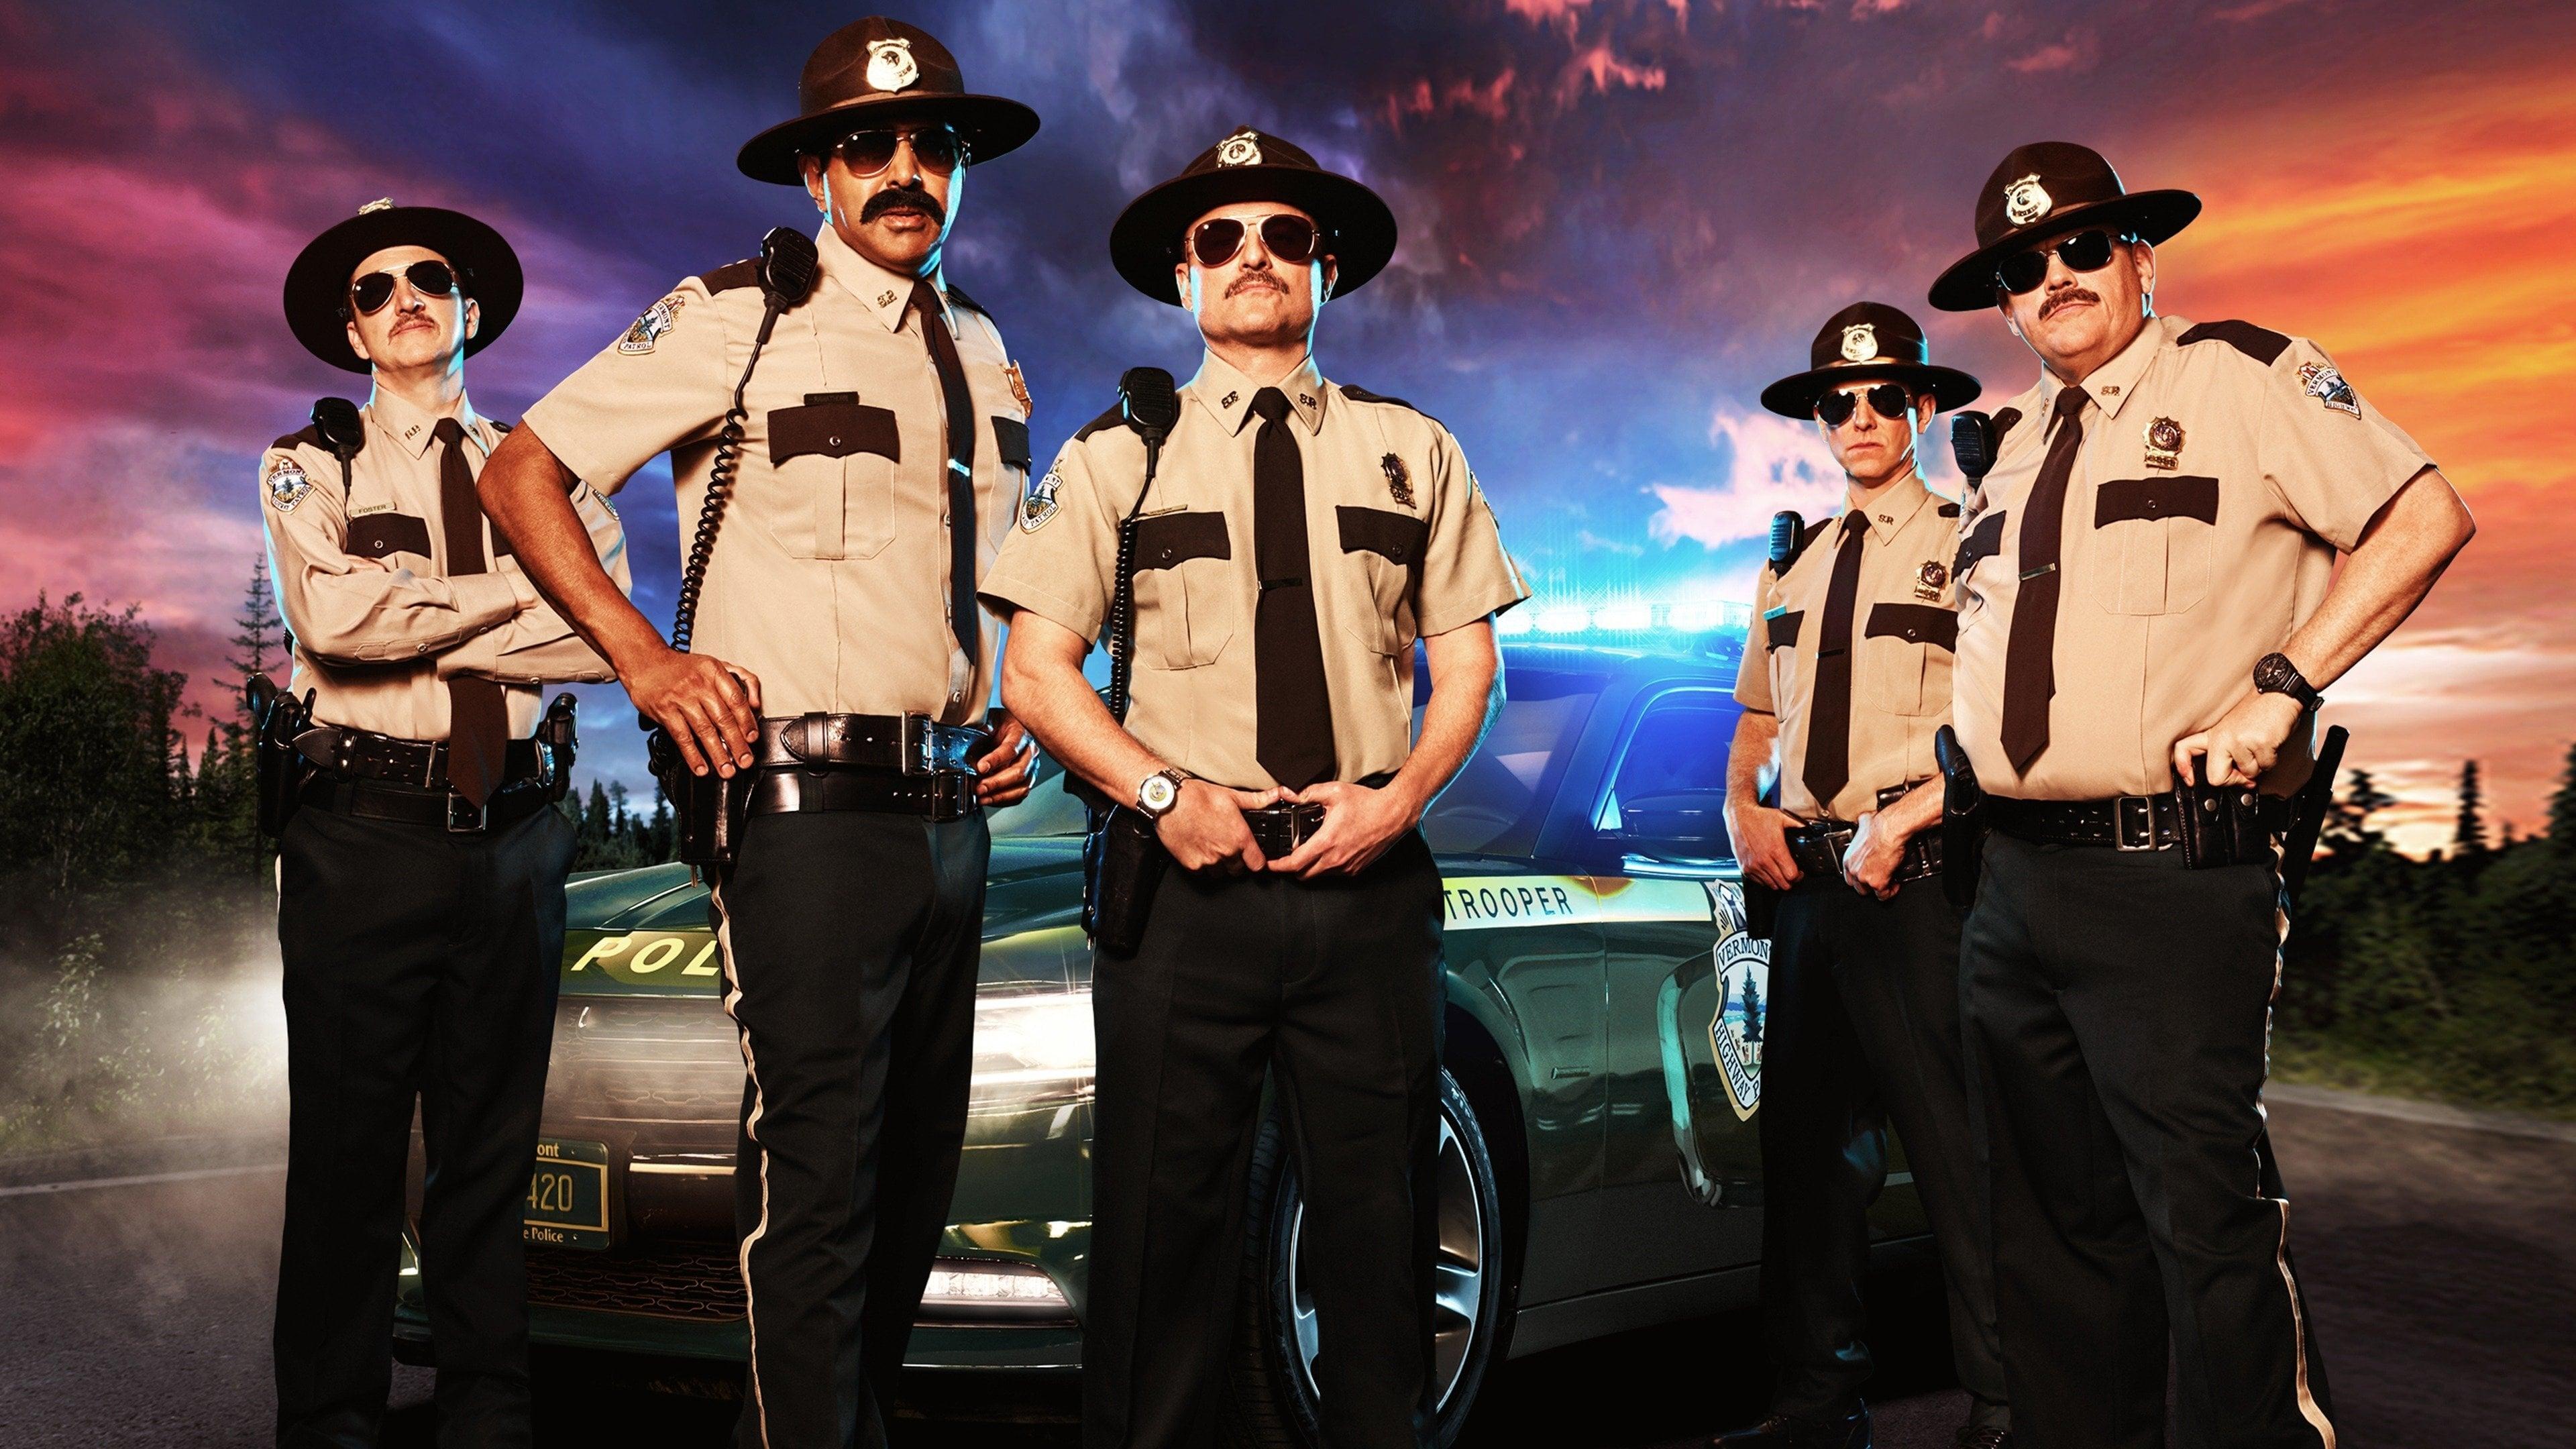 Süper Polisler 2 (2018)